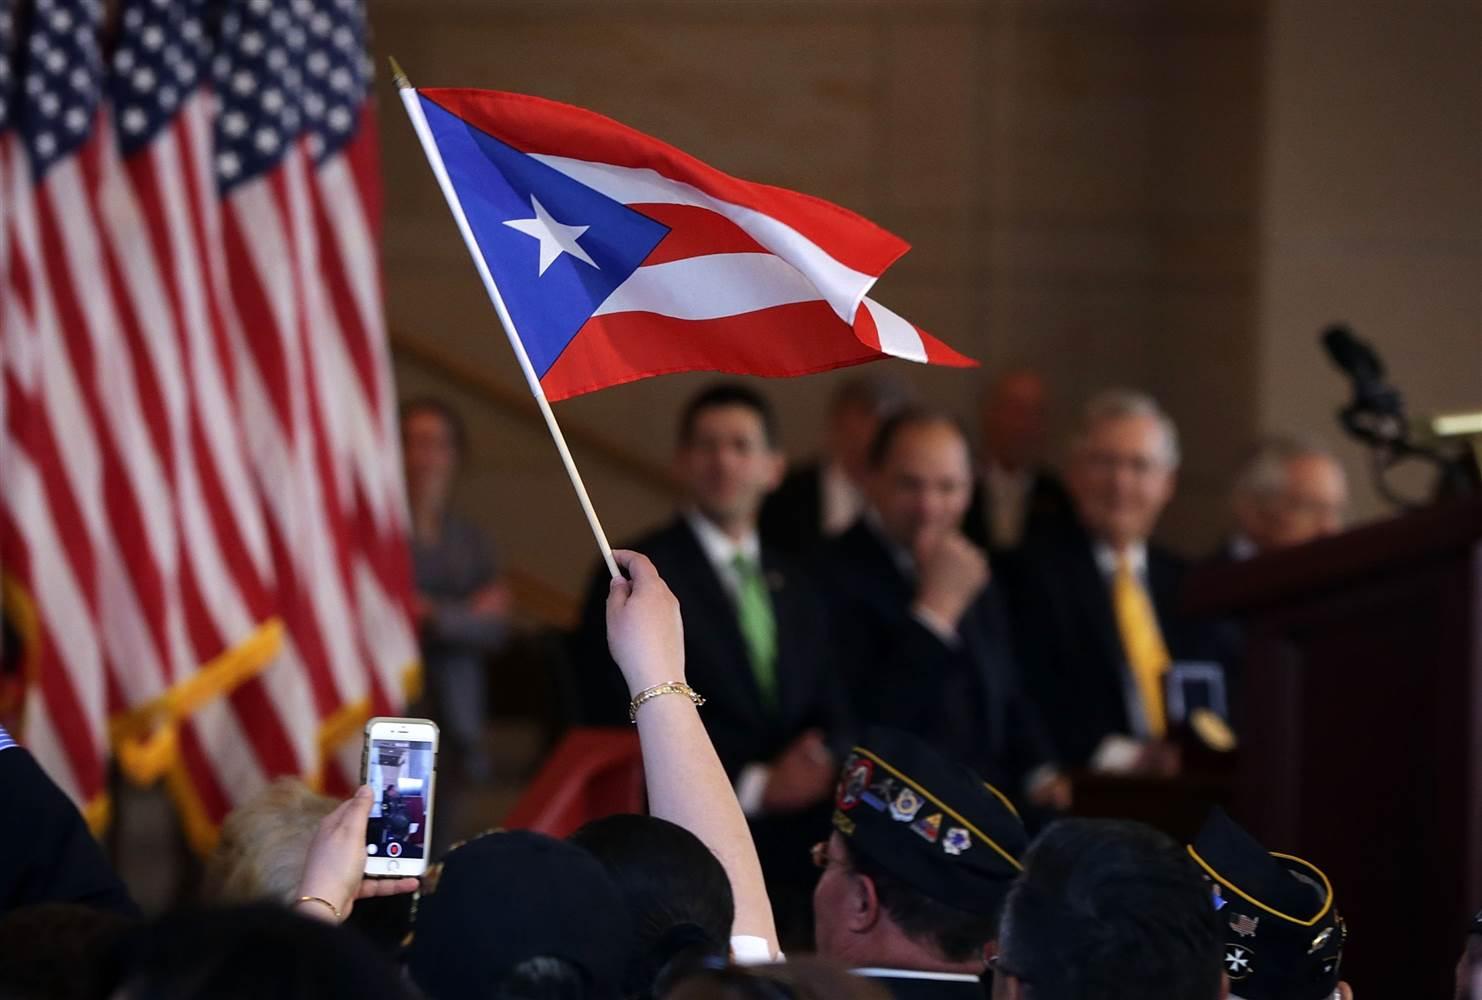 В Пуэрто-Рико очень хотят стать частью США. Фото: nbcnews.com